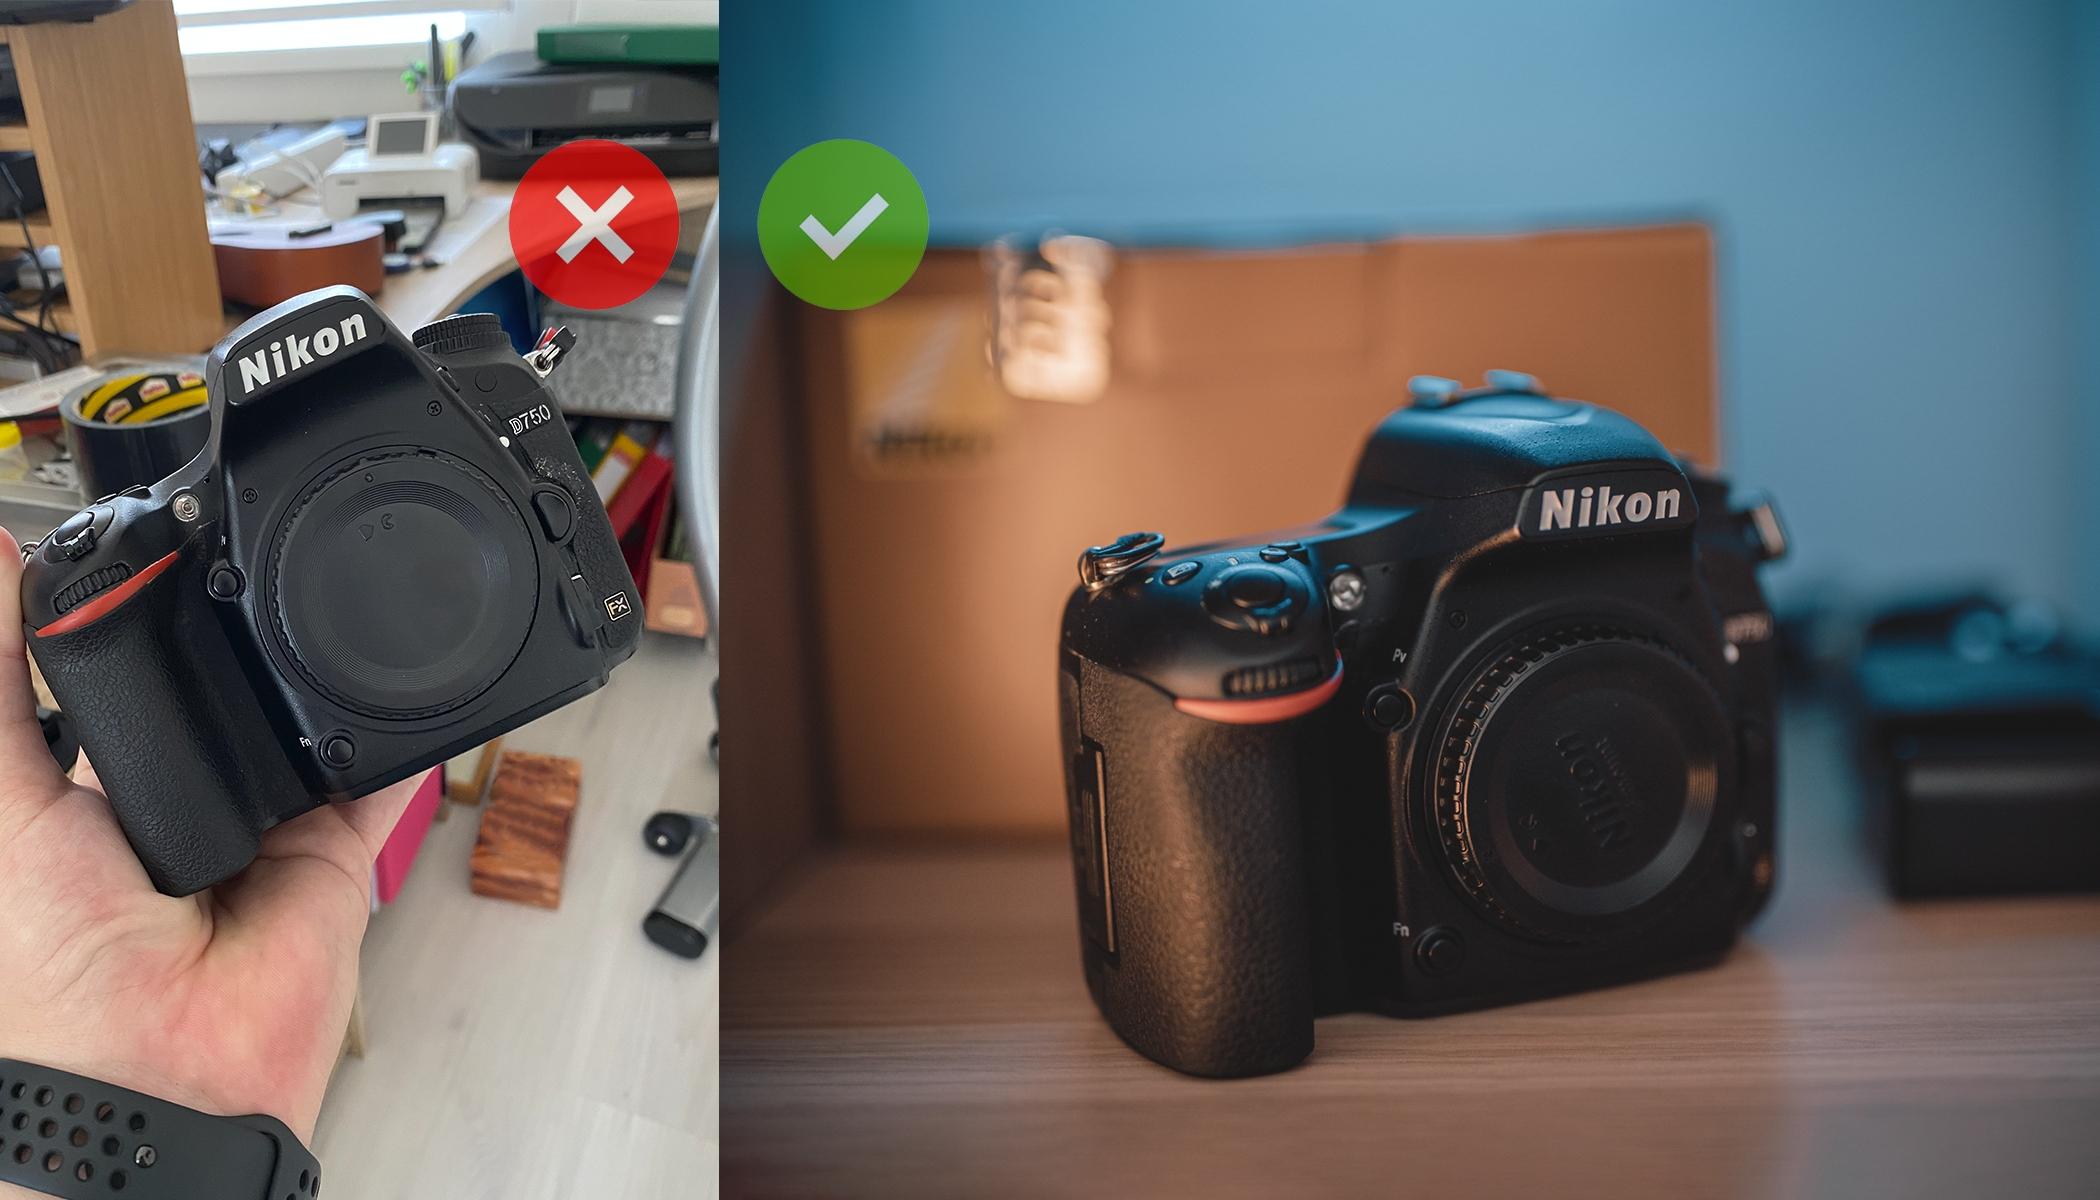 Ein gutes Foto verkauft! So machen Sie ansprechende Fotos von Dingen, die Sie verkaufen möchten